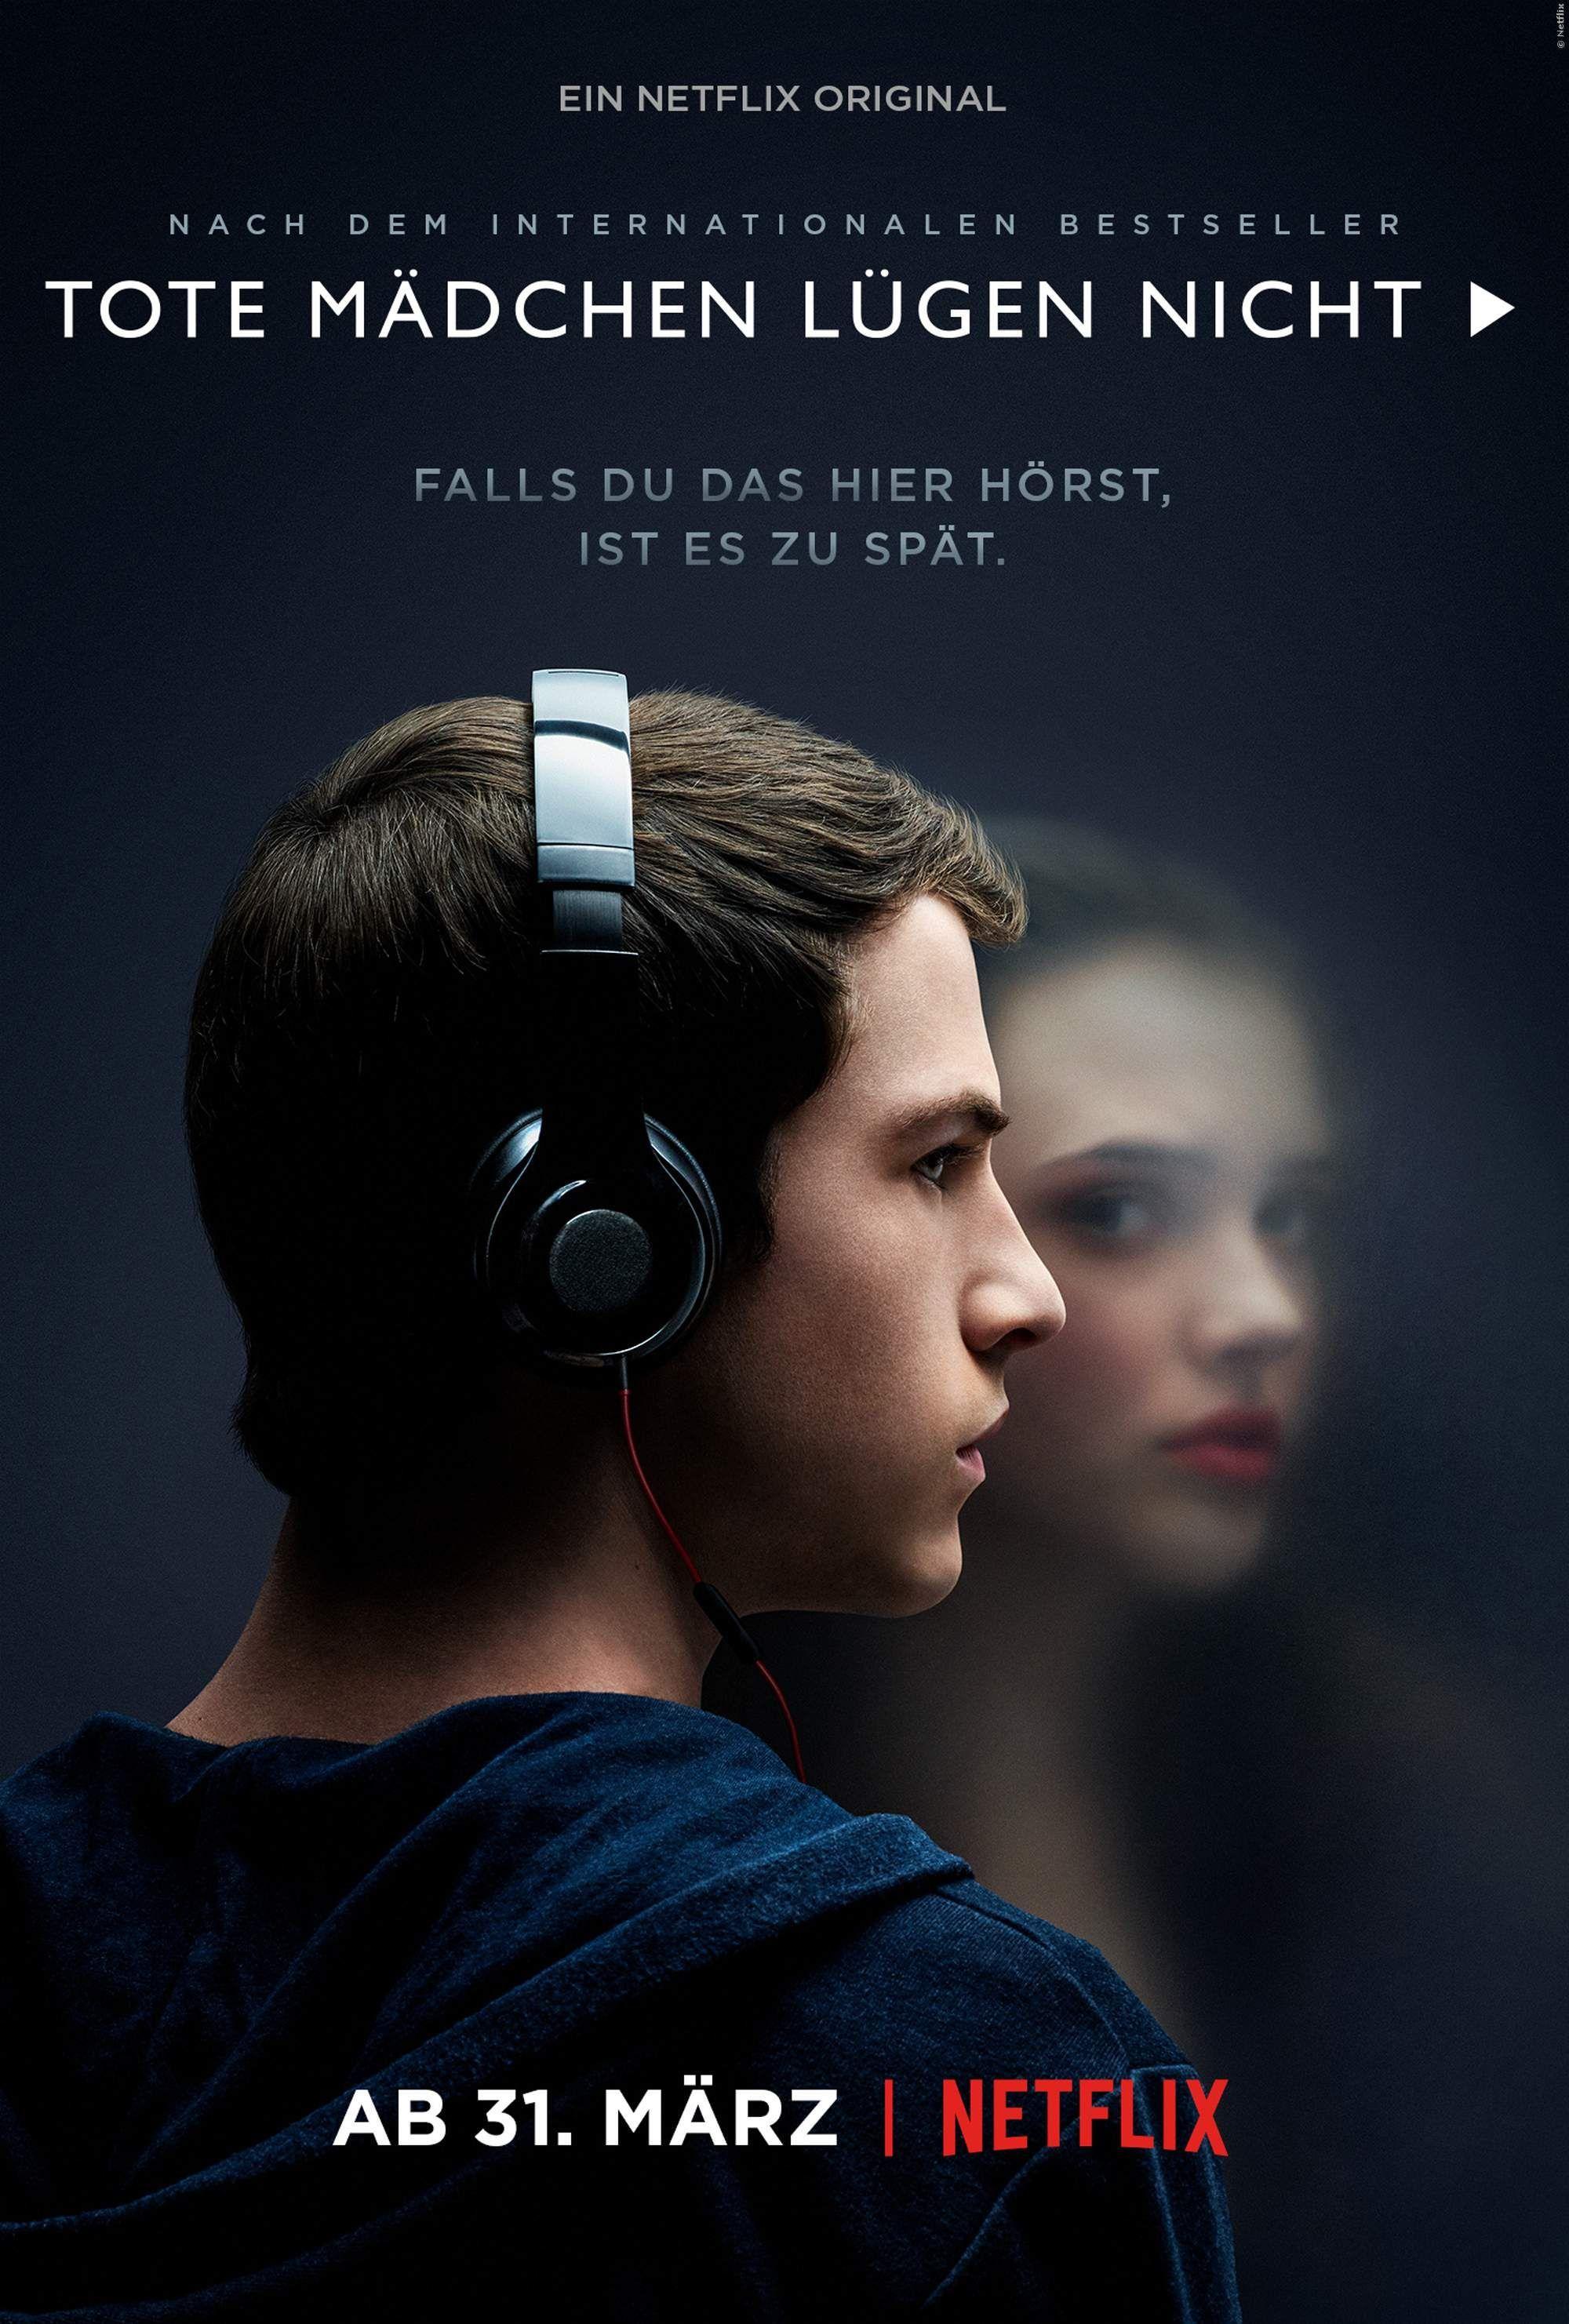 Netflixserie Trailer Mdchen Erster Nicht Neuen Tote Lgen